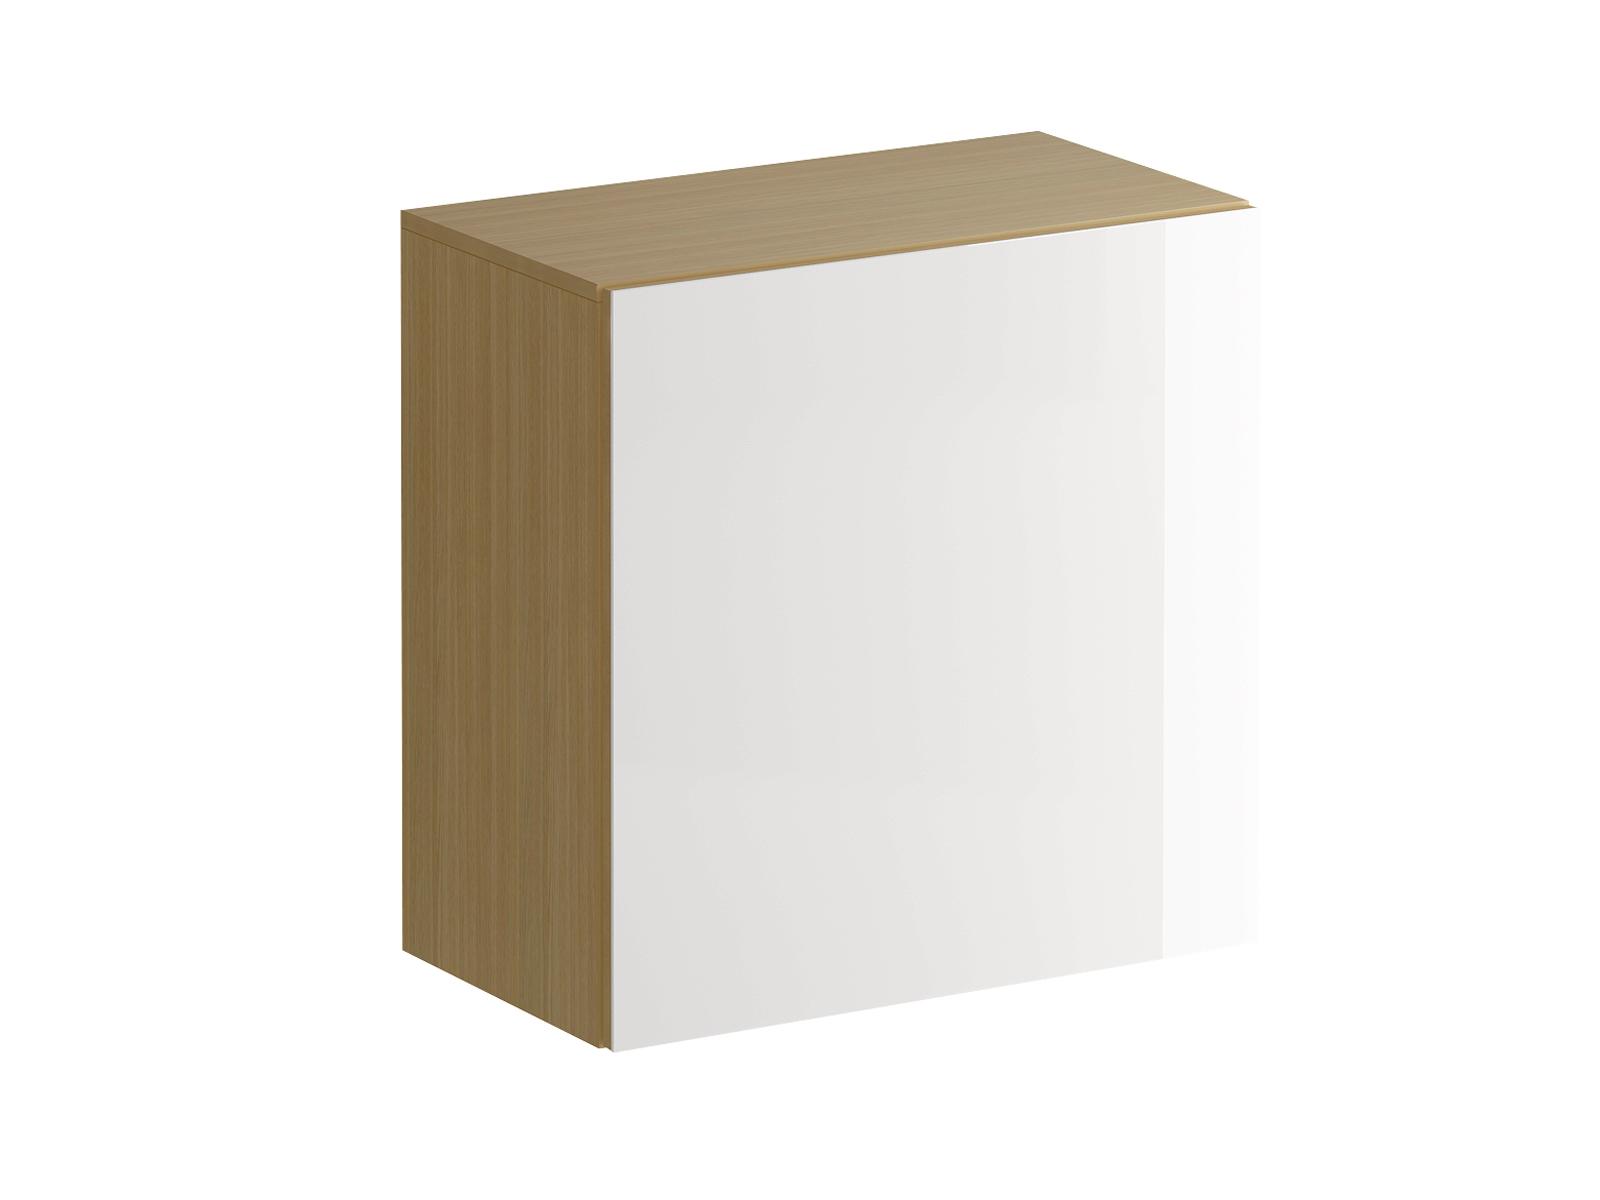 Шкаф навесной GustoШкафы<br>Шкаф имеет два отделения, образованные одной съемной полкой с возможностью переустановки по высоте. Распашная дверь открывается по принципу «нажал-открыл». Задняя стенка белого цвета.<br>